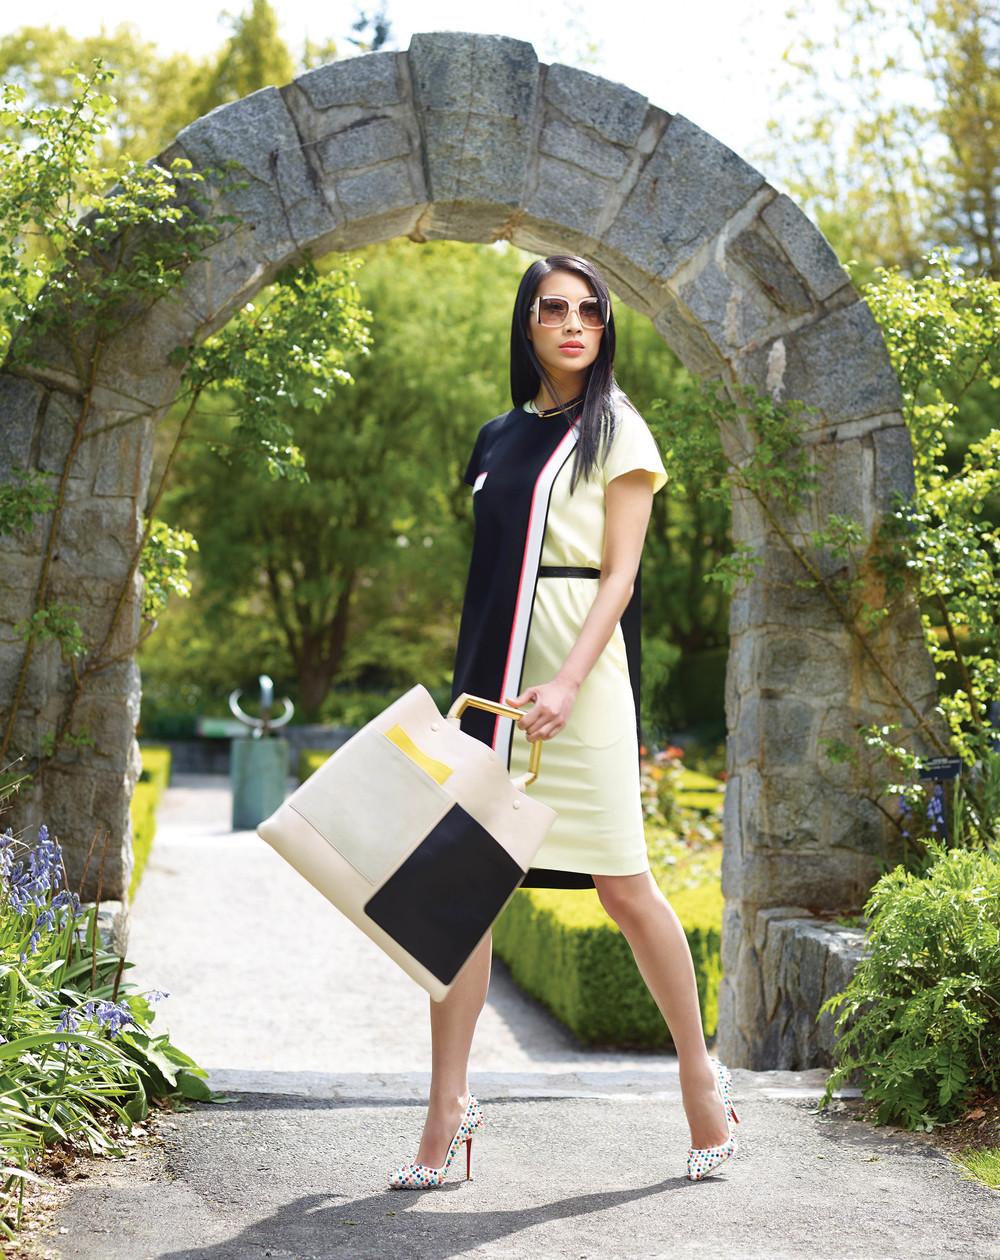 芬迪裙子($1,990)、賽琳包包($2,950)賽琳項鏈($490)、克里斯提.魯布托高跟鞋($1,295)均來自Holt Renfrew。太陽鏡來自菲拉格慕。 拍攝地點:範杜森植物園